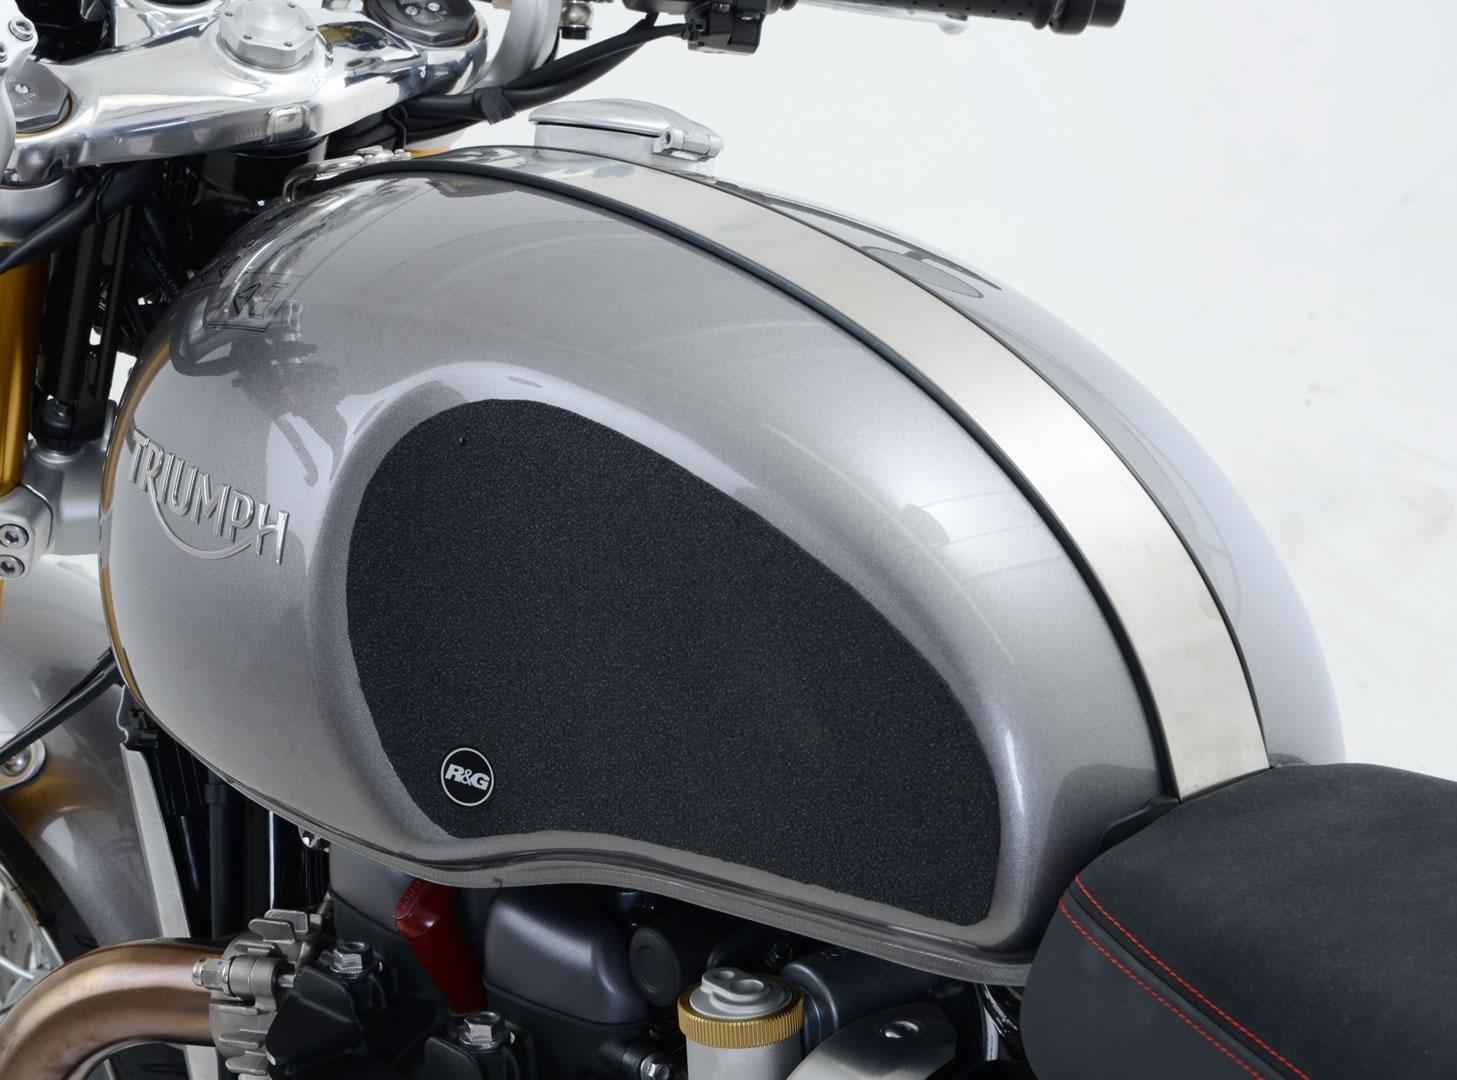 Kit grip de réservoir R&G Racing translucide Triumph Thruxton 1200 16-